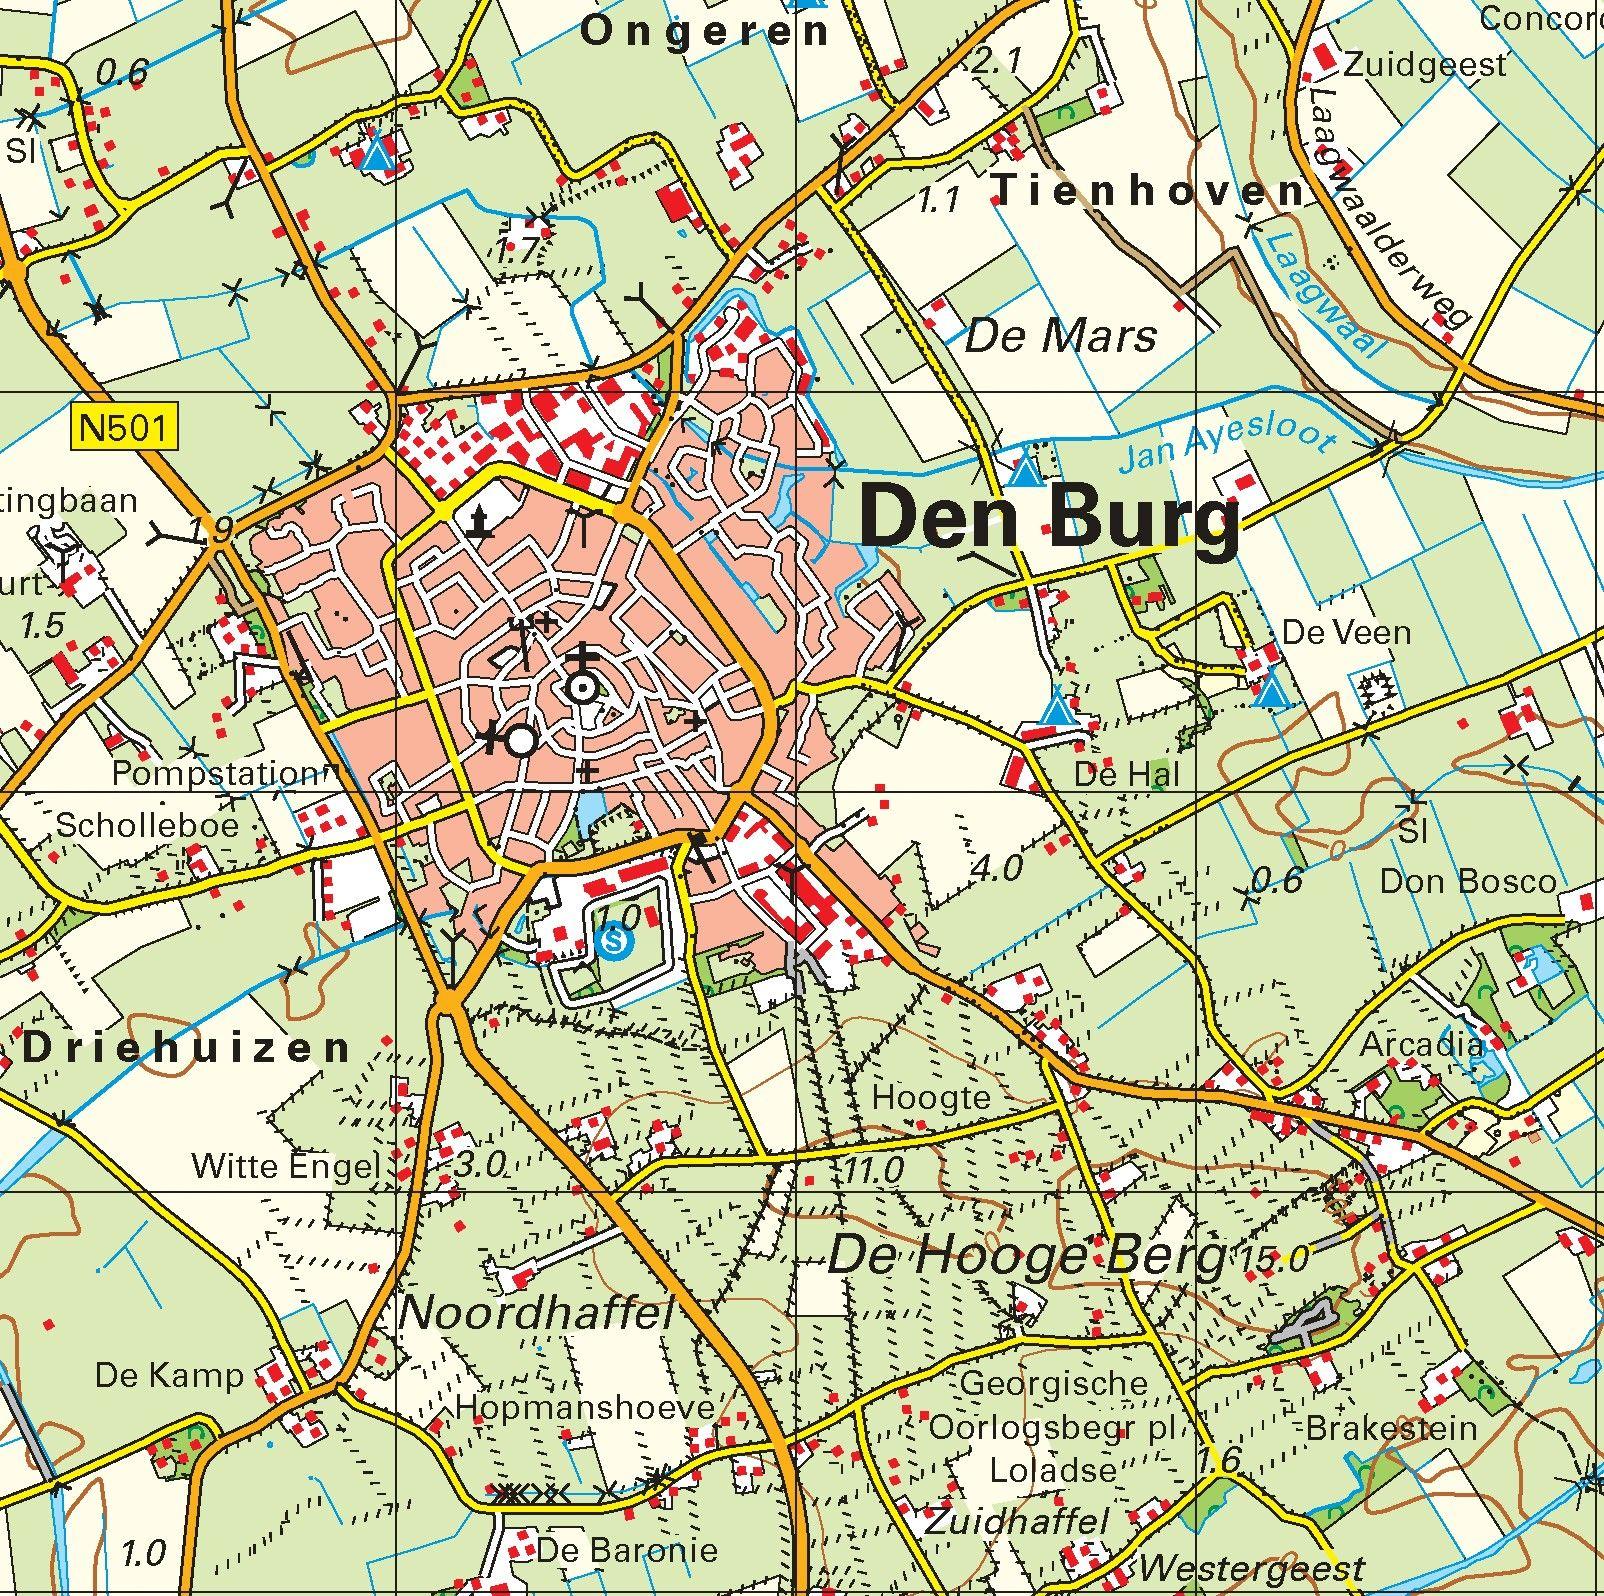 Topografische kaart schaal 1:50.000 (Vlieland, Texel, Den Helder)